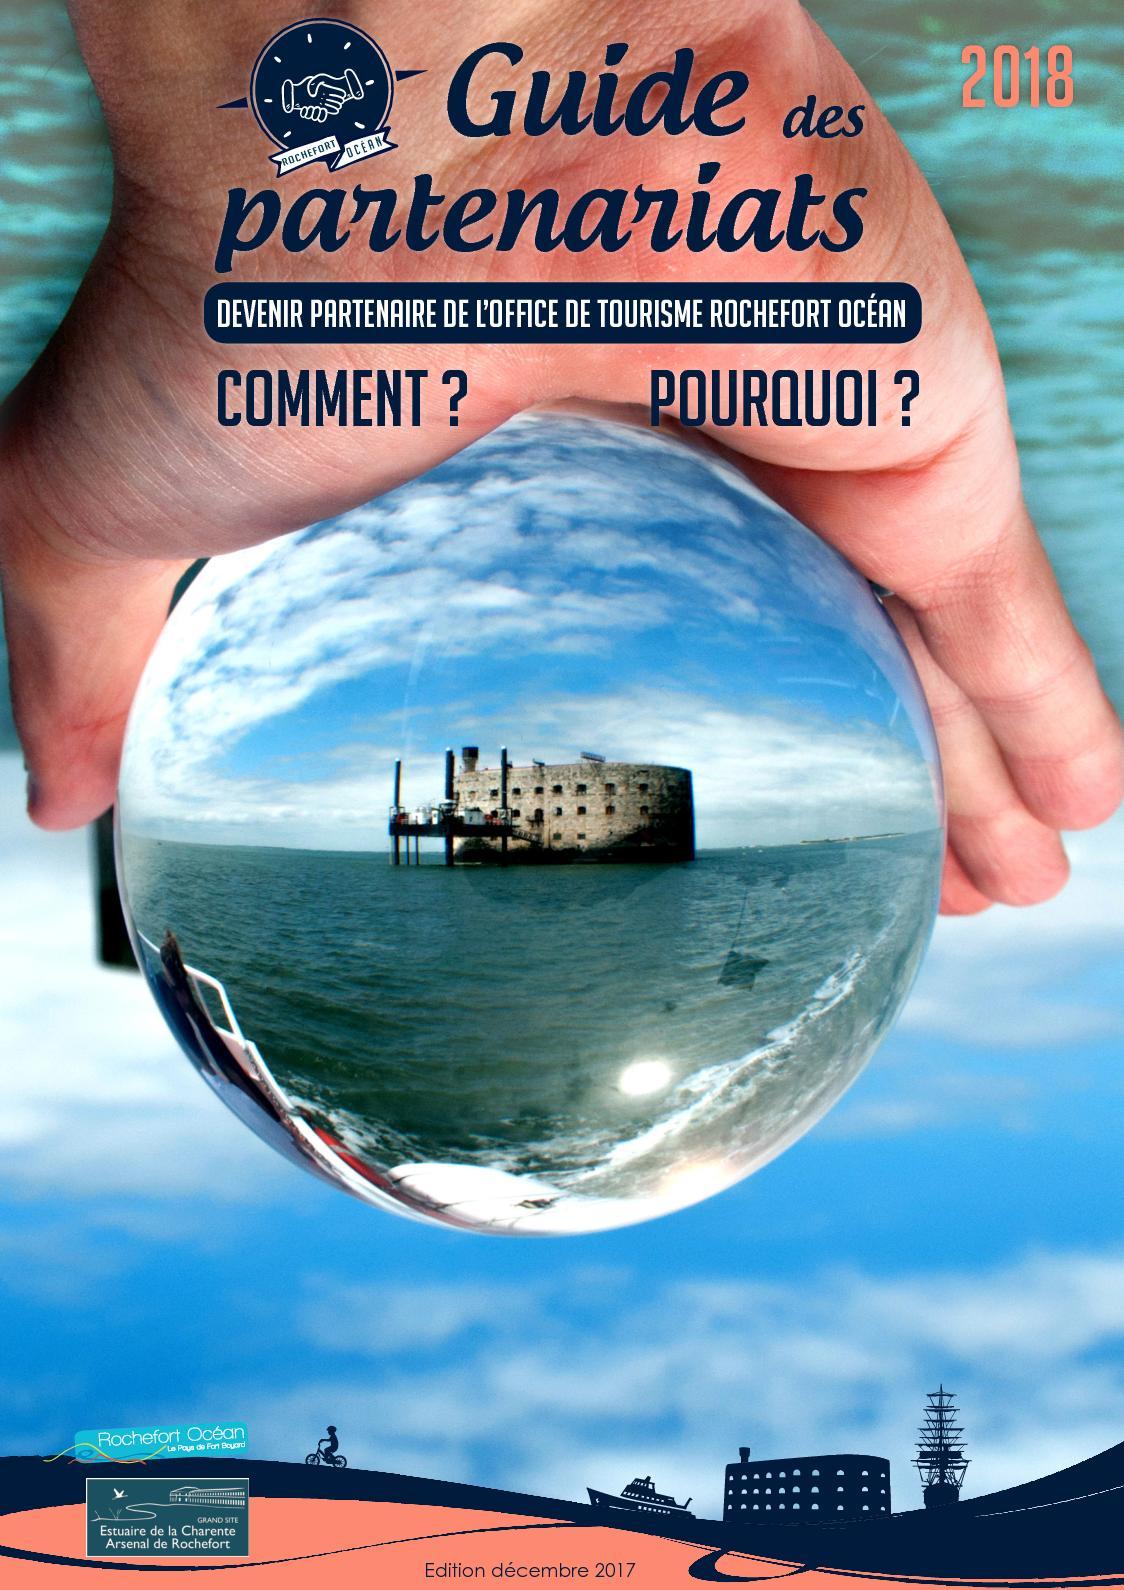 Calam o guide de partenariat 2018 office de tourisme rochefort oc an et chambres d 39 h tes - Office de tourisme rochefort ocean ...